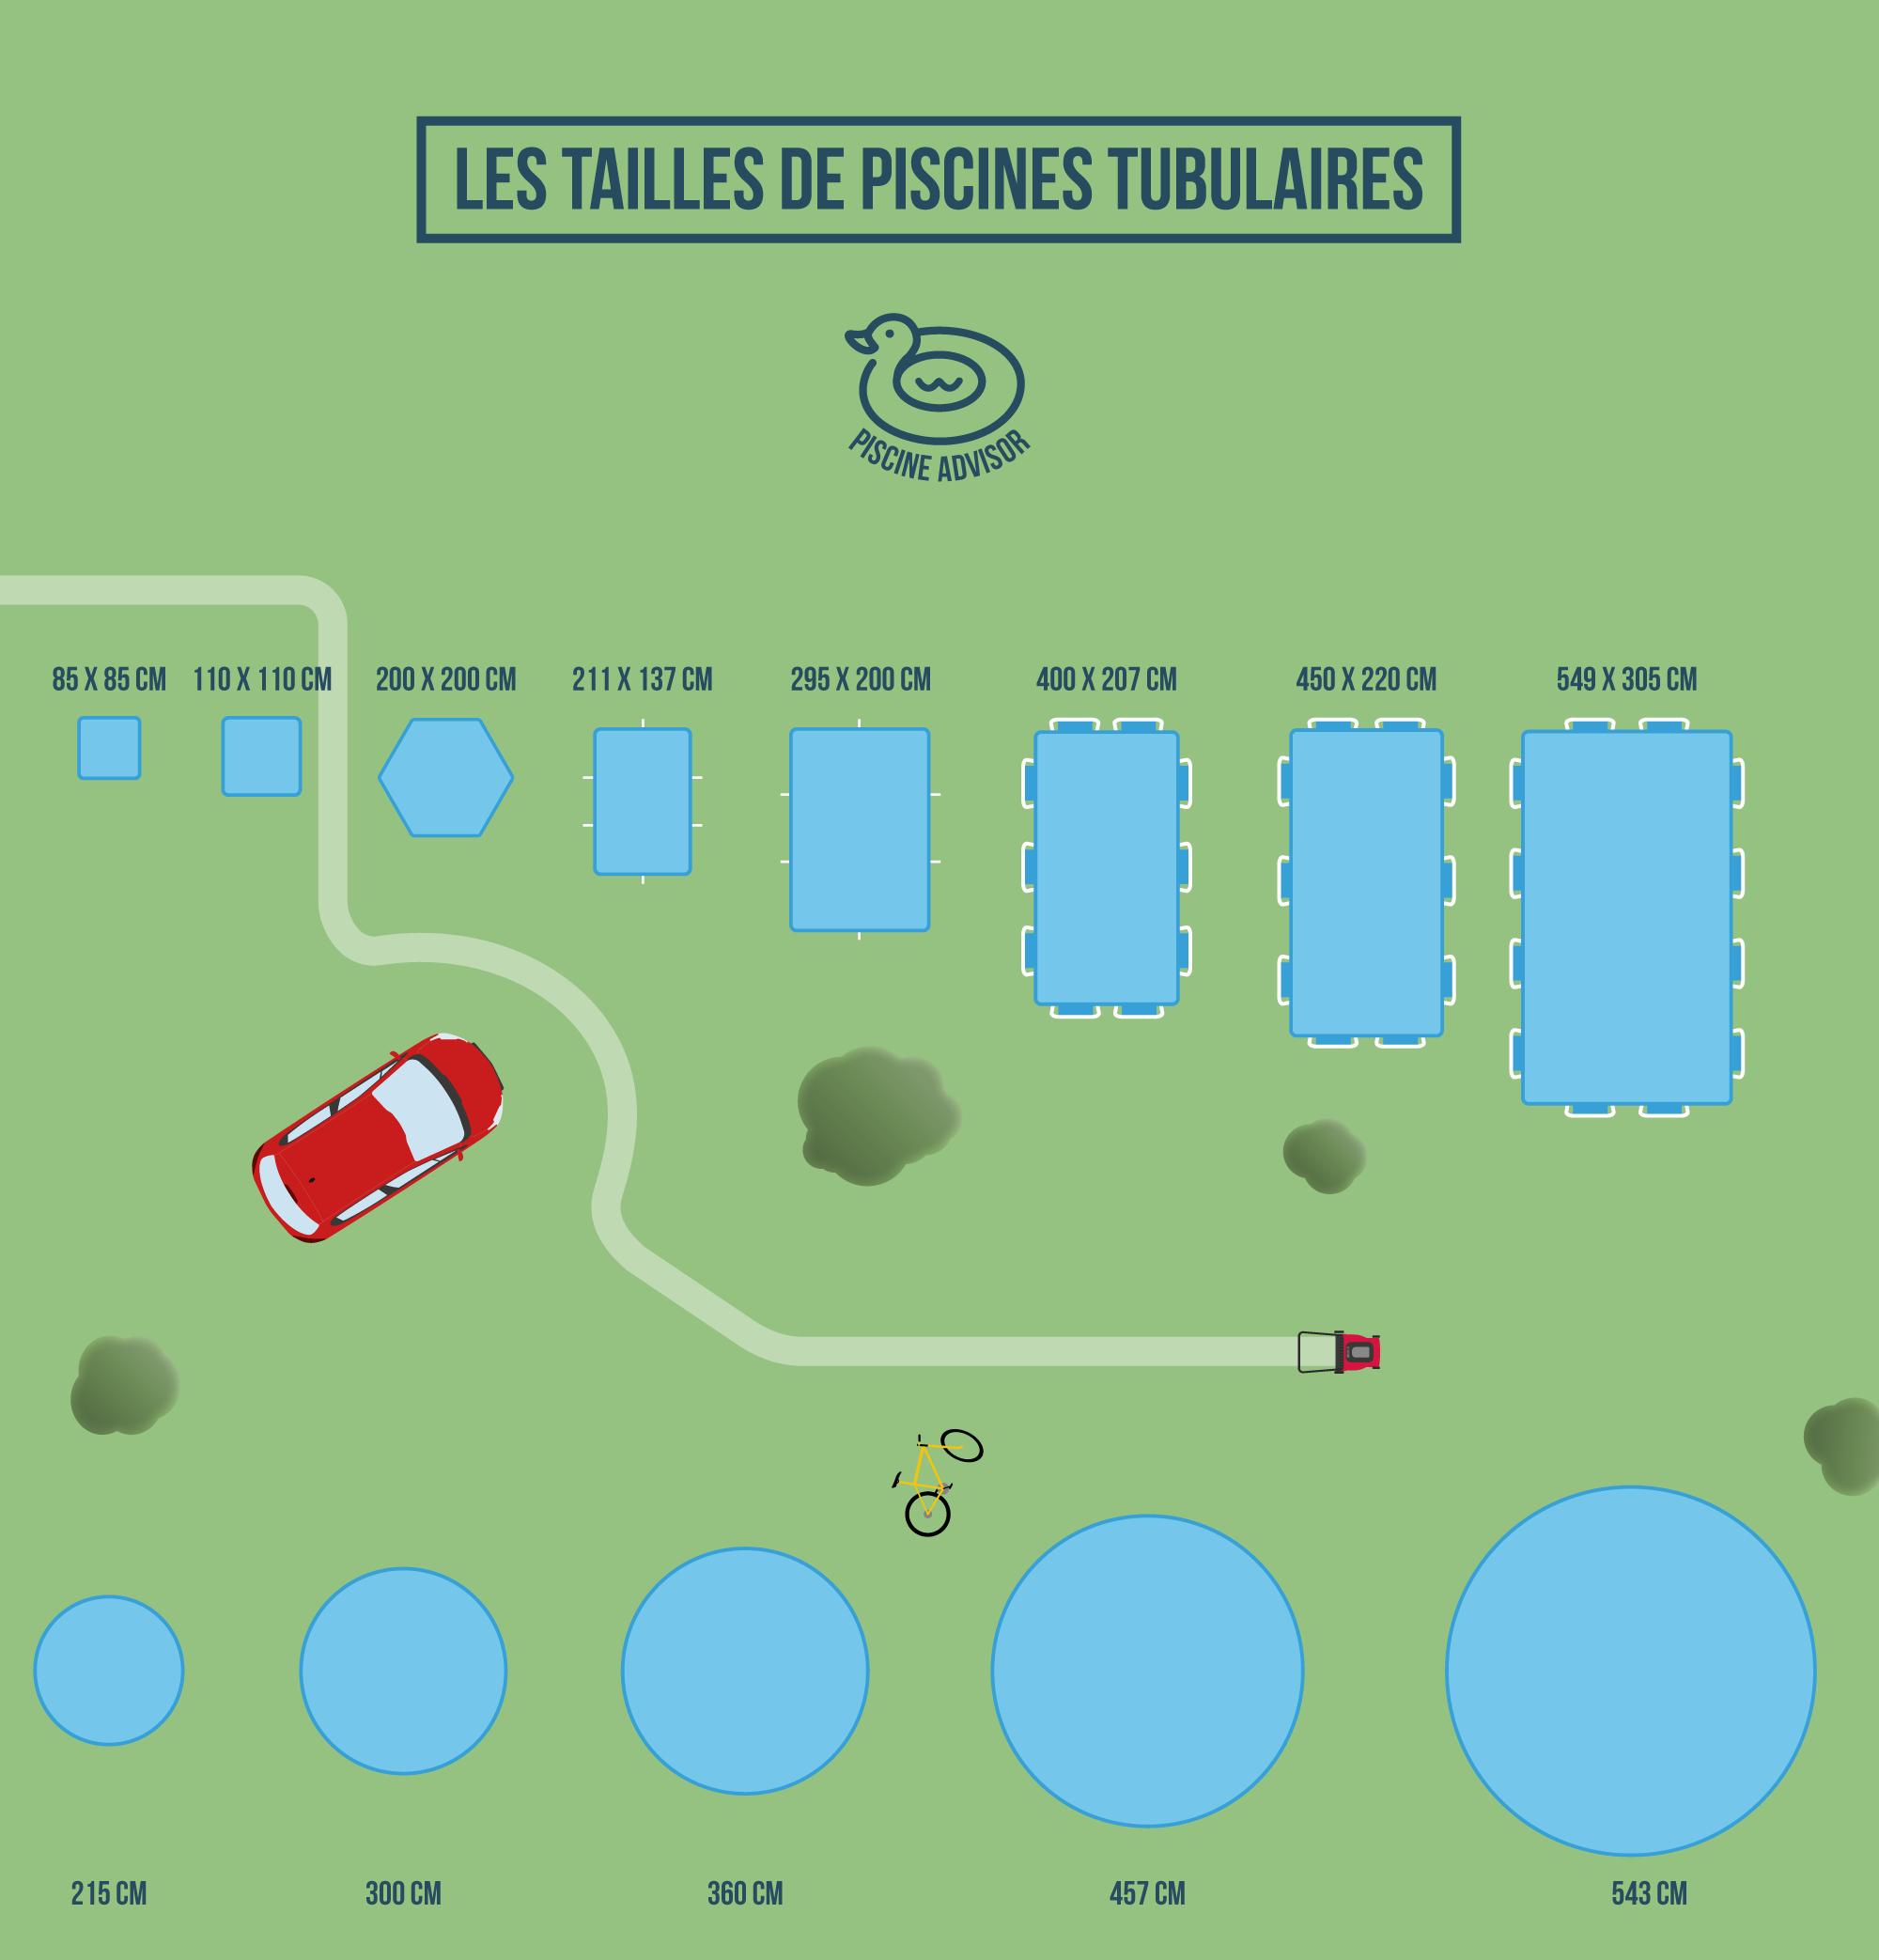 Piscine Tubulaire : Le Guide À Lire Avant D'acheter ... avec Piscines Tubulaires